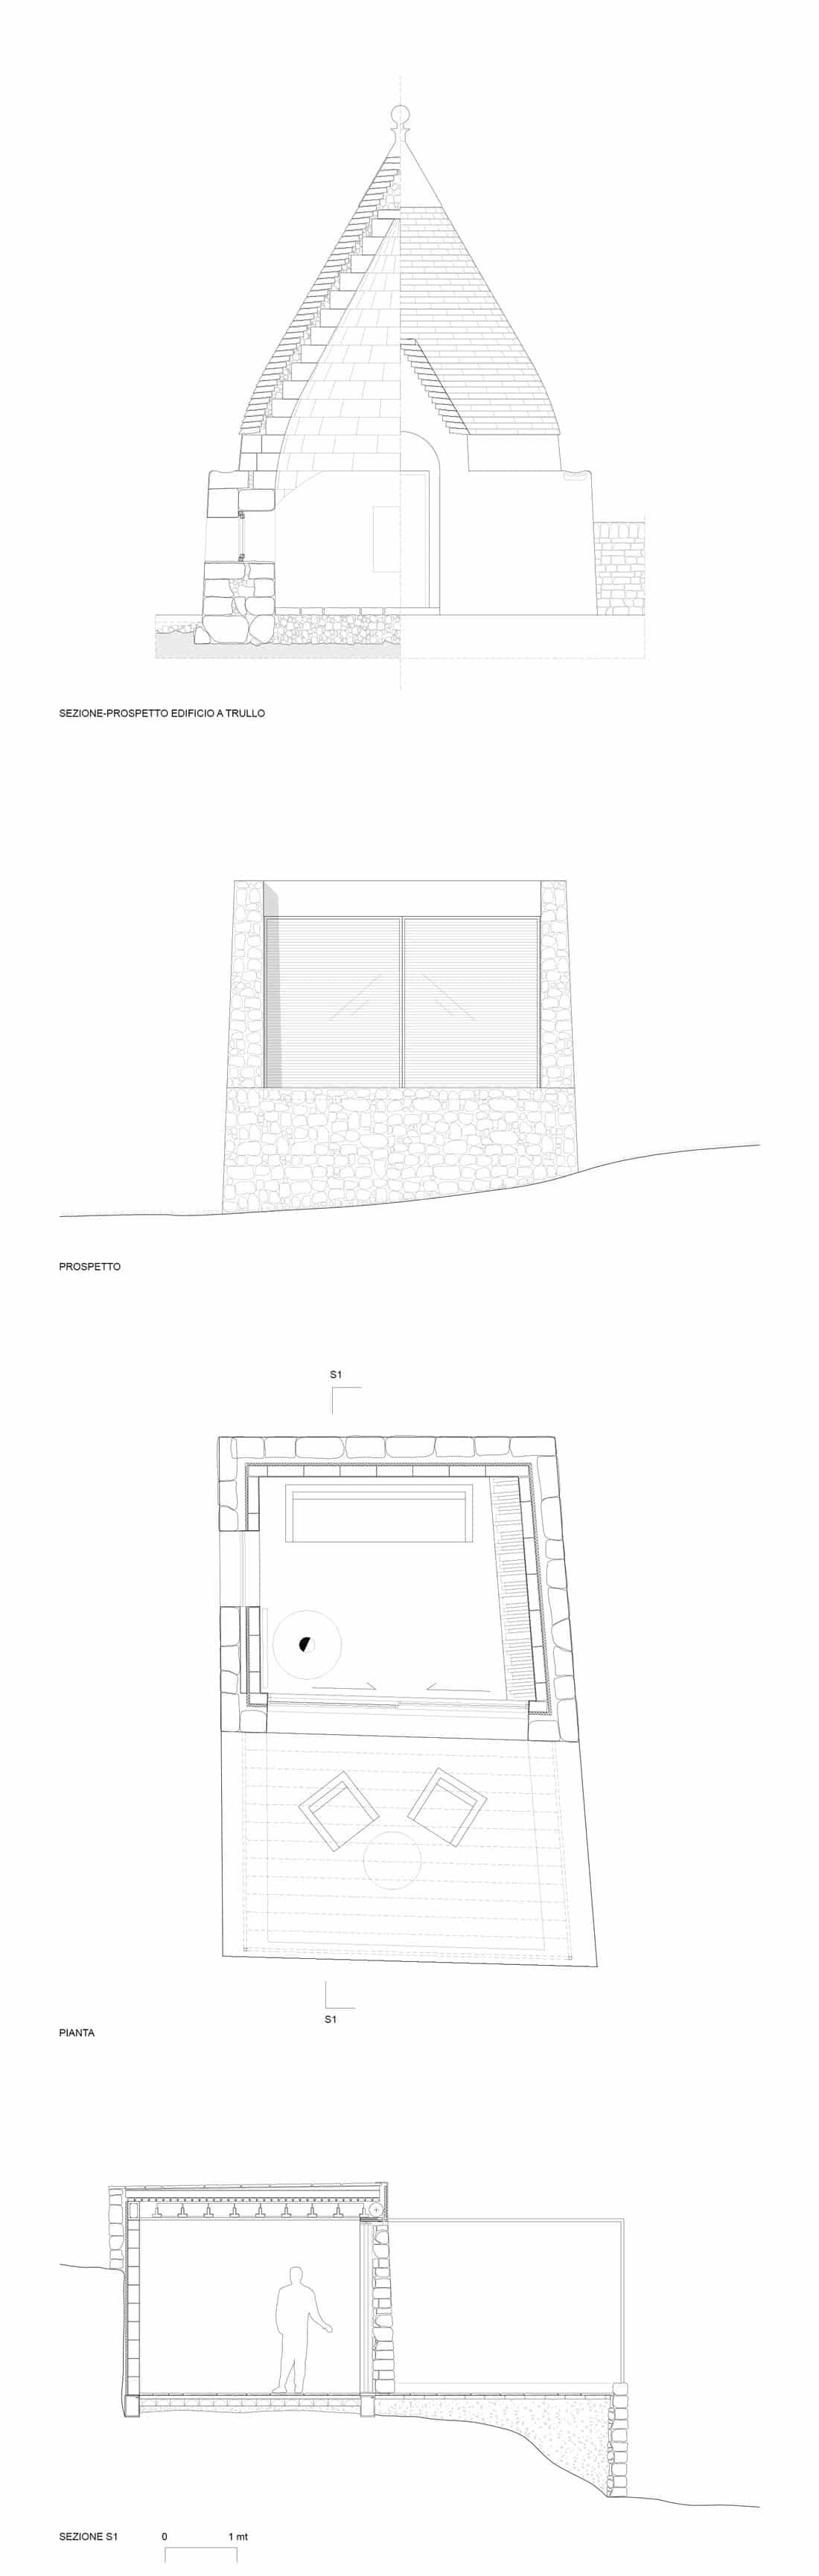 Corsaro Architetti progetto Trullo Kasbah